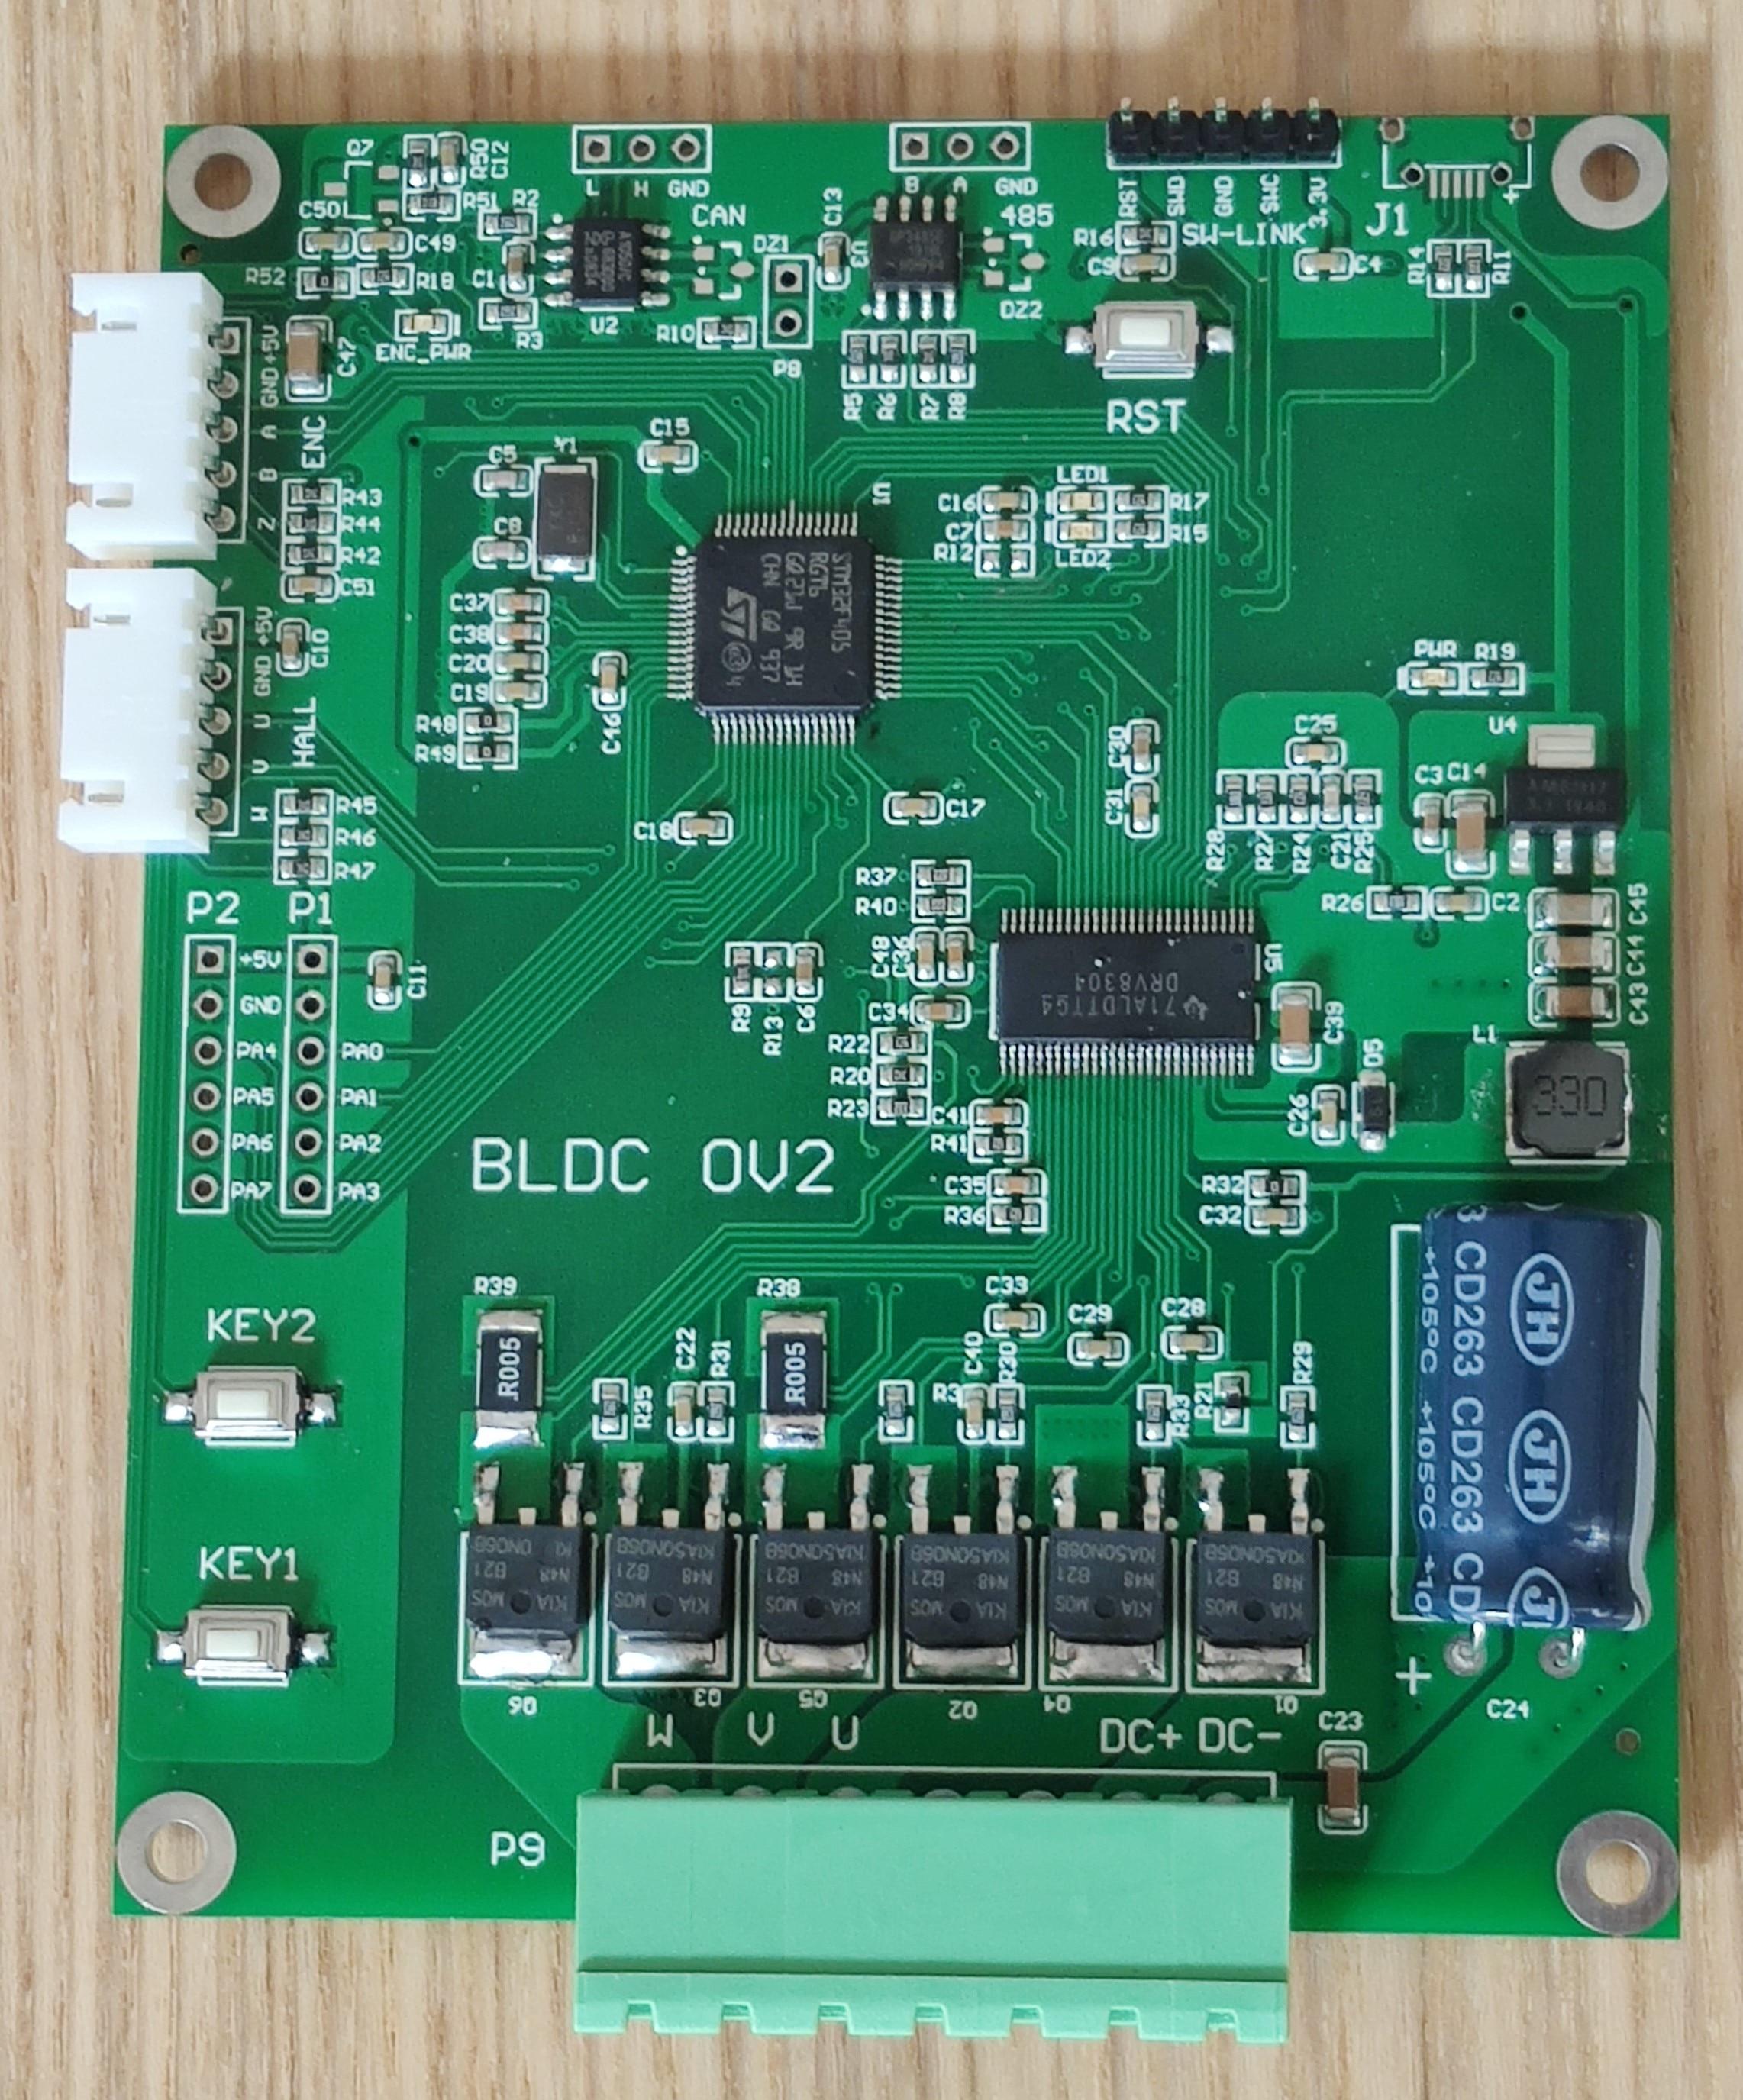 لوحة تطوير محرك سيرفو ، جهاز تشفير ، تحكم في ناقل الحركة ، DRV8301 ، STM32 ، BLDC ، PMSM